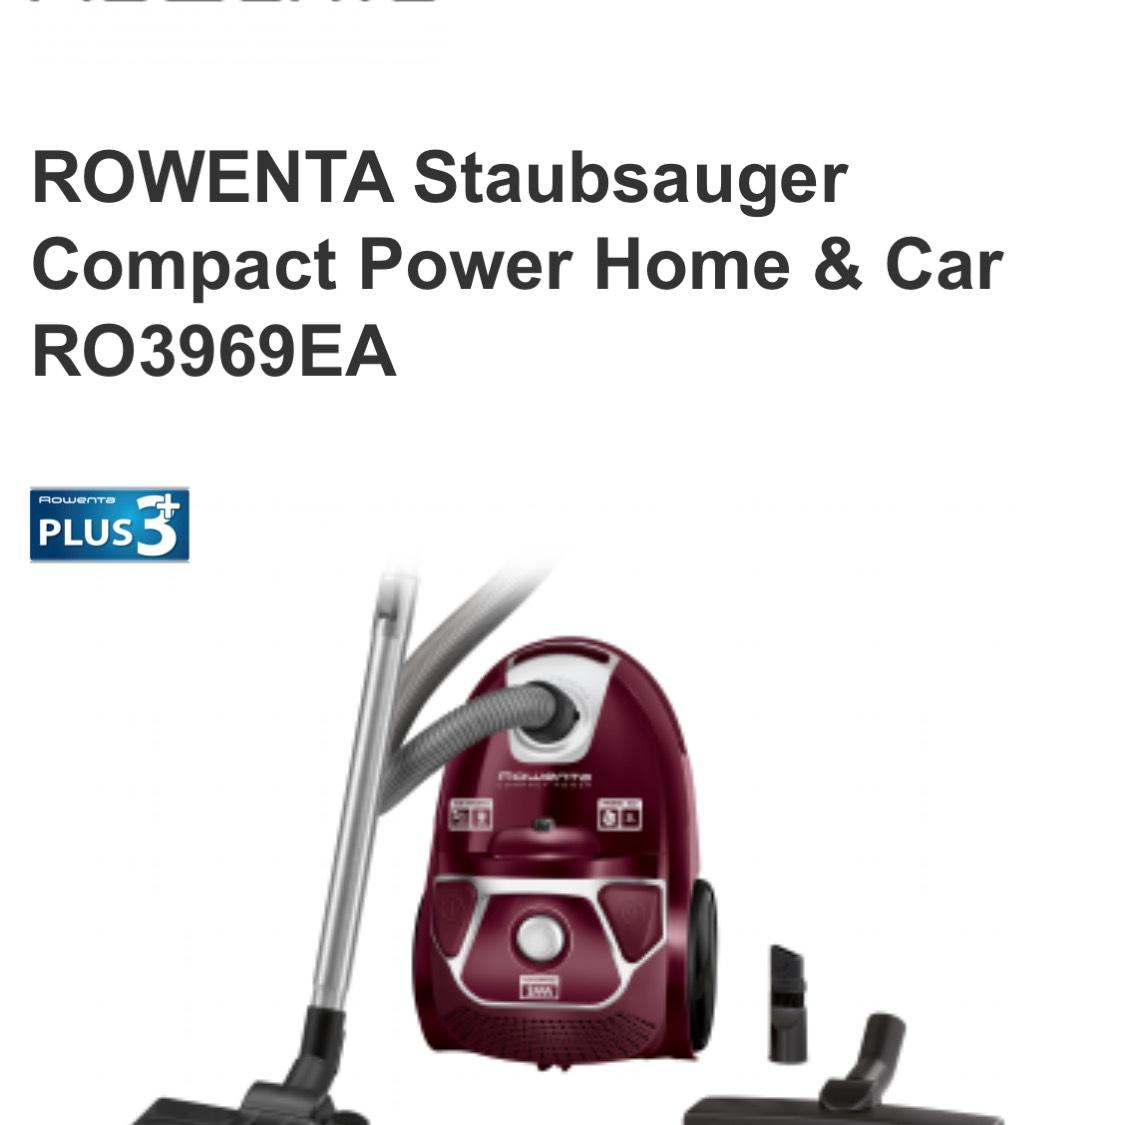 Rowenta Staubsauger RO3969 | online und Lokal (77694 Kehl)